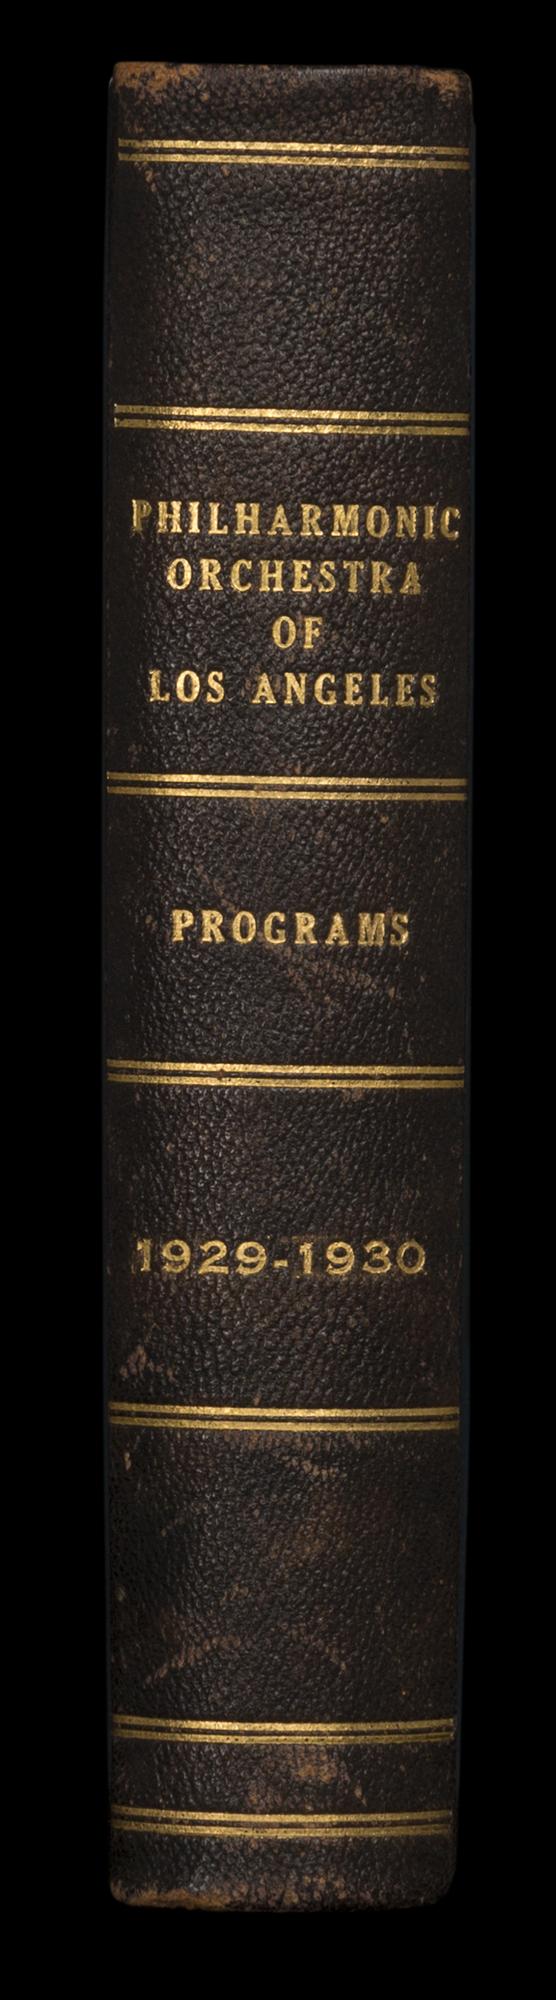 LAPO_ProgramBook_Spine_1929-1930.jpg